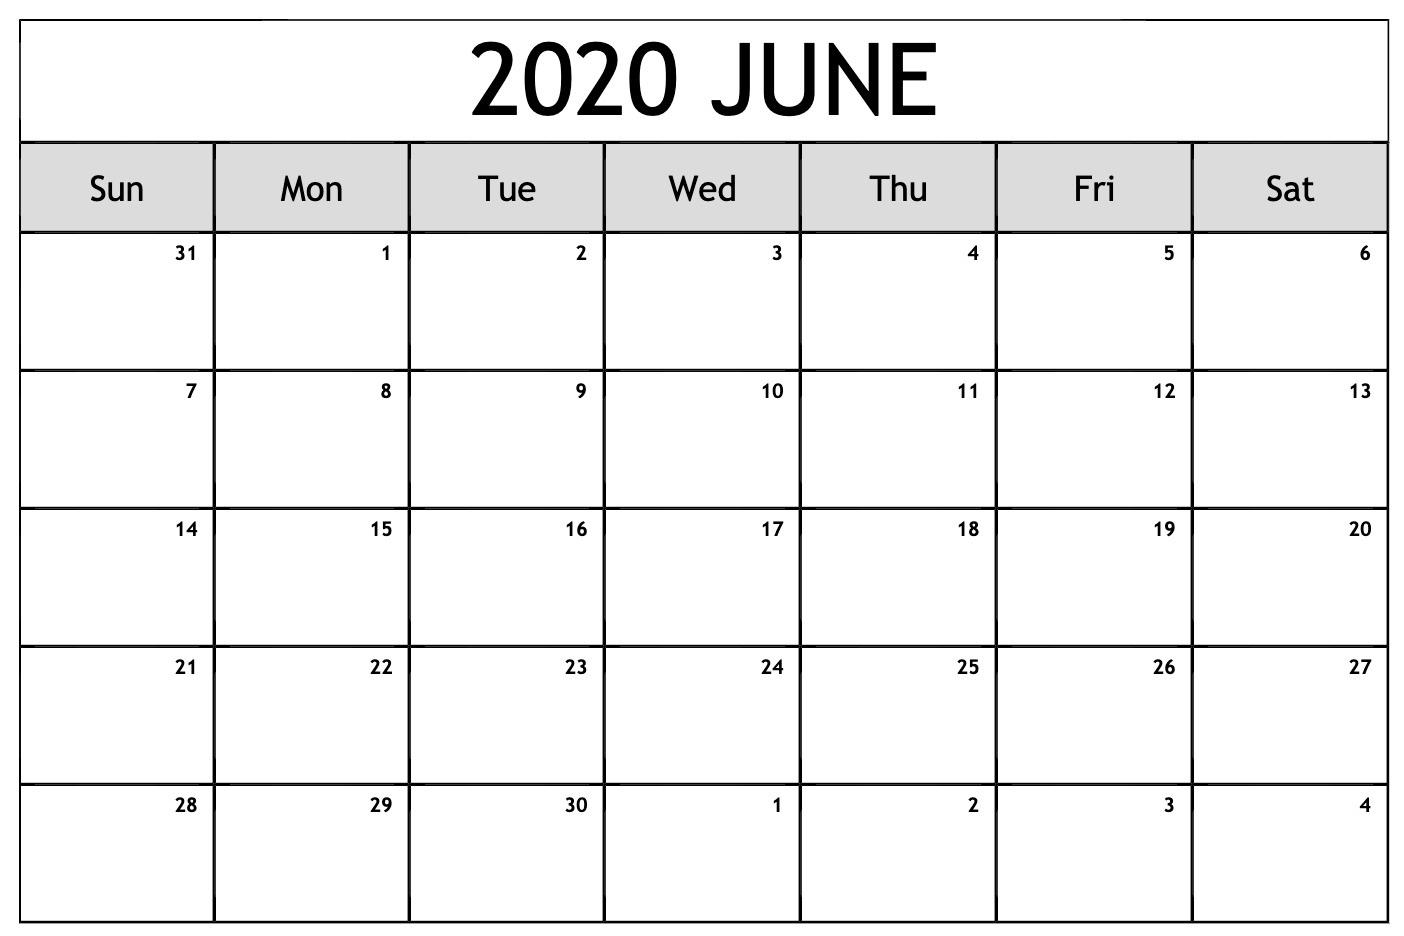 Excel June 2020 Calendar